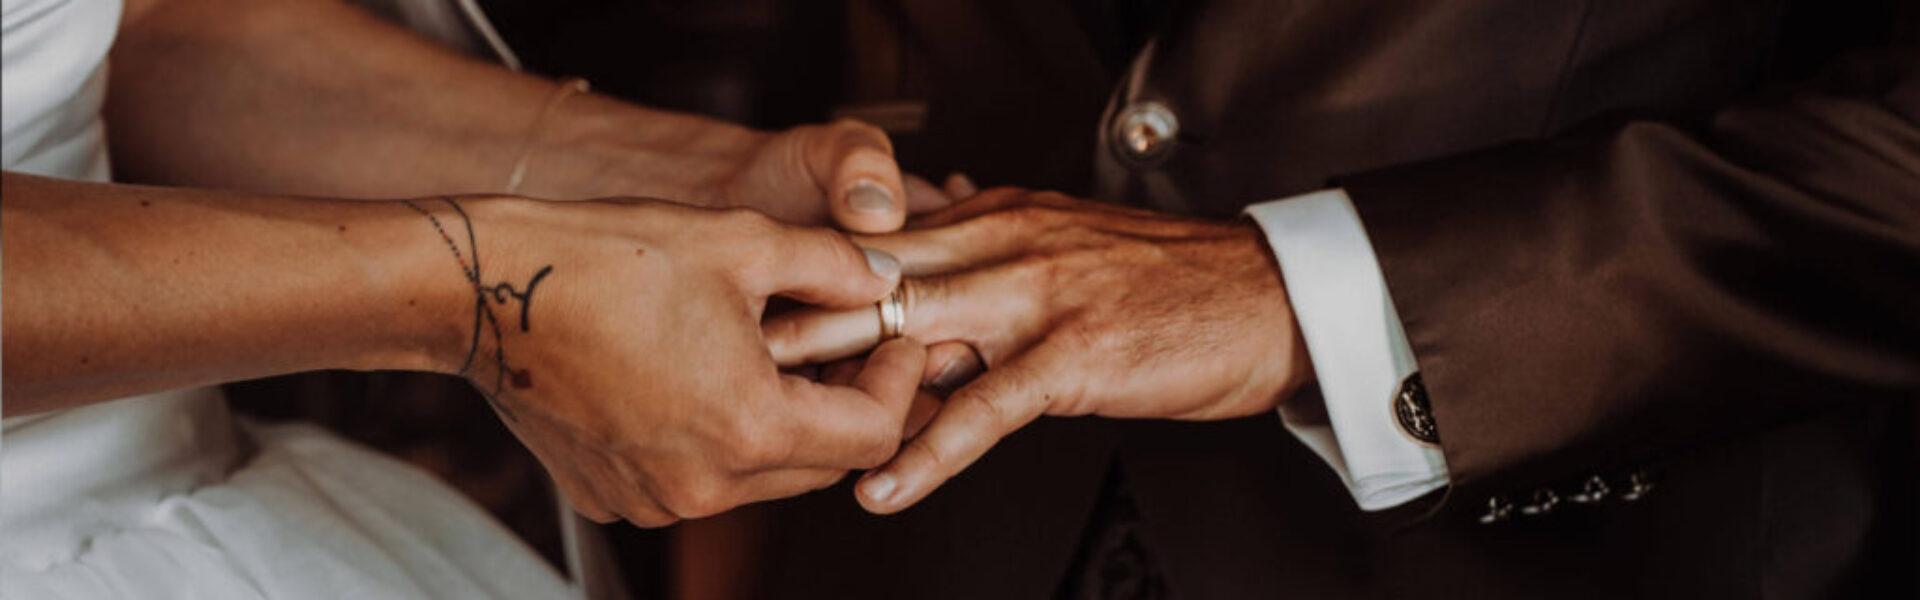 Detailbild eines Hochzeitspaares. Die Braut steckt den Hochzeitsring auf den Ringfinger des Bräutigams.